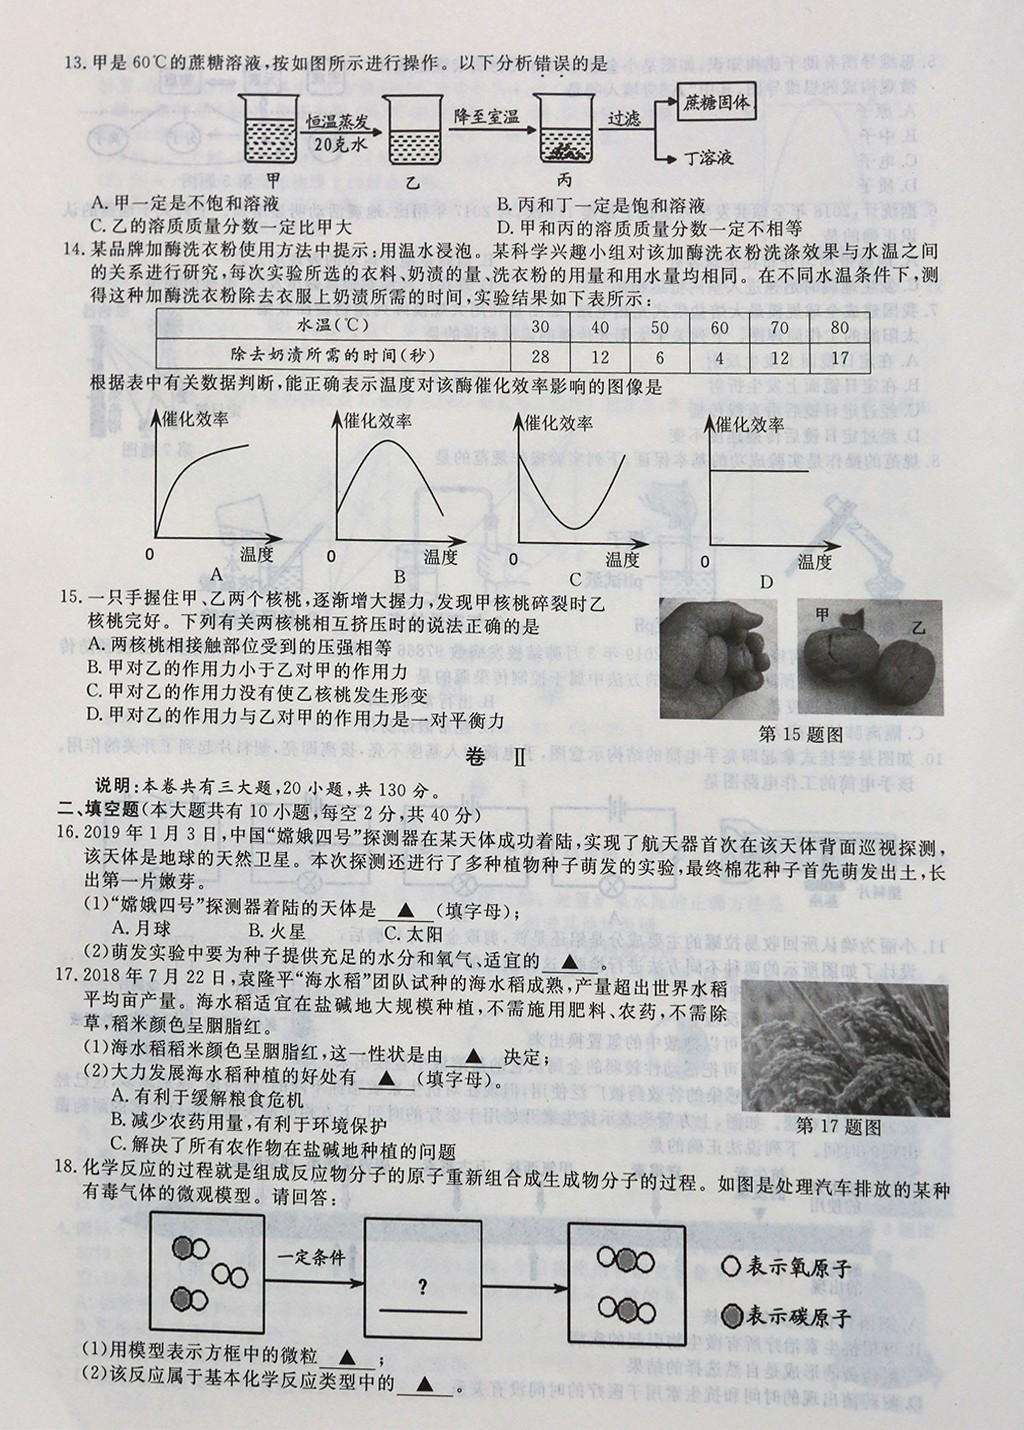 2019年浙江丽水中考化学真题及答案已公布